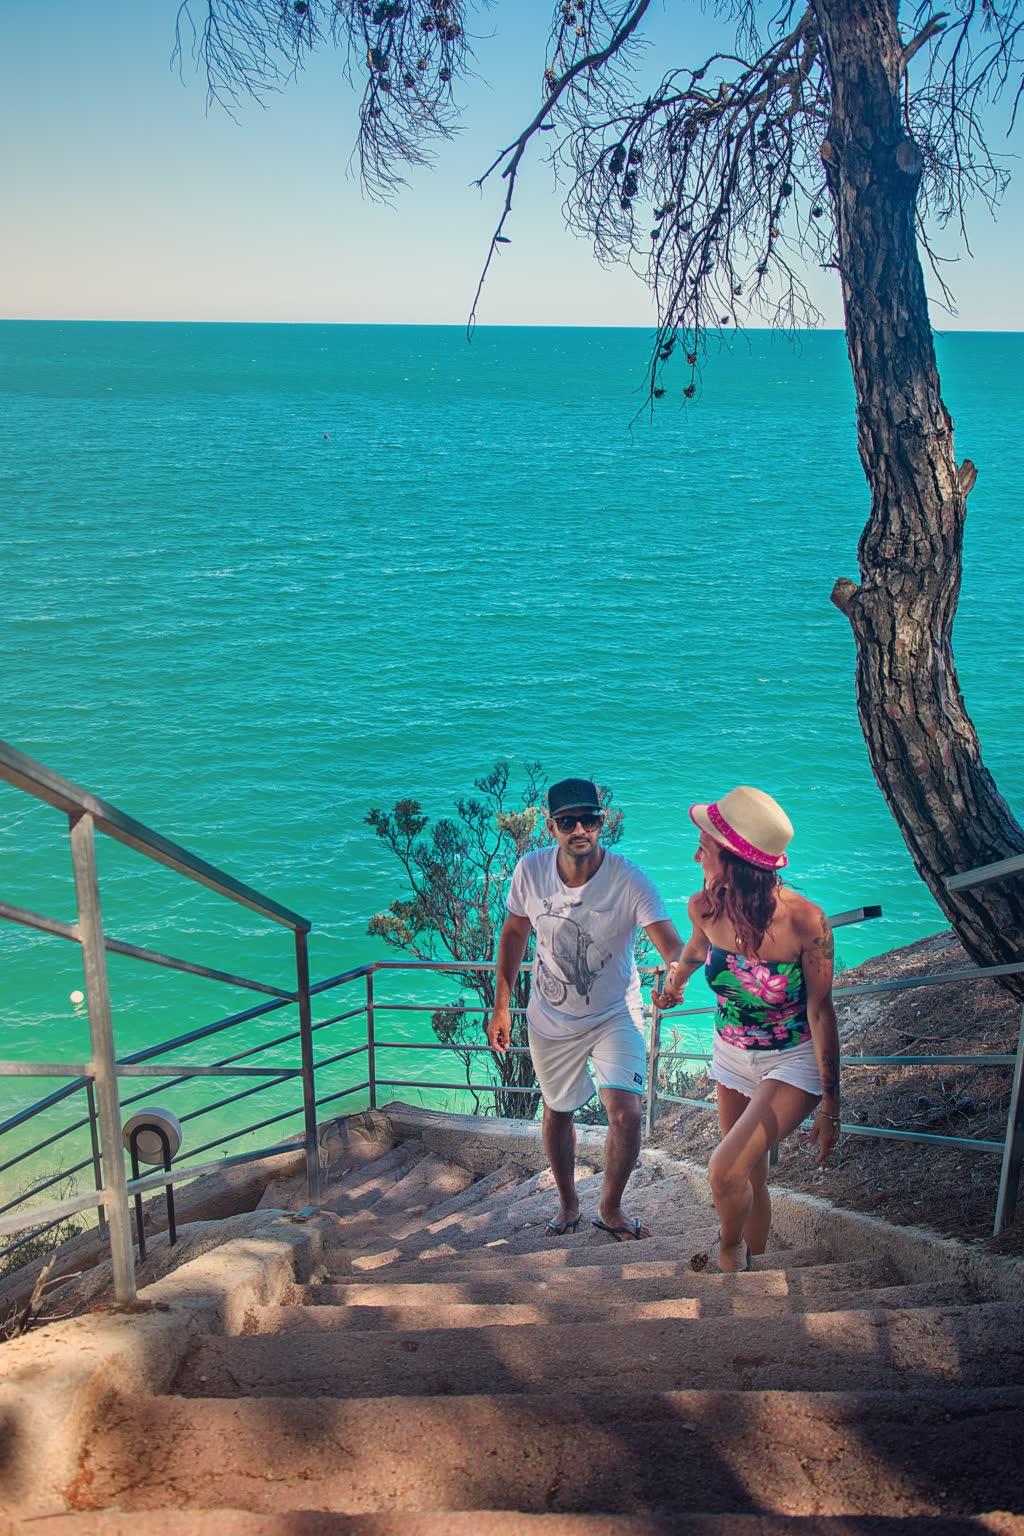 le 15 spiagge più belle del Gargano alla scoperta di baie e calette; le spiagge più belle del gargano; gargano; puglia; baia delle zagare; spiaggia di vignanotica; baia zaiana; baia san felice; architiello san felice; spiaggia dei cento scalini o delle tufare; spiaggia di calenella; baia di manaccora; spiaggia del pizzomunno; vieste; spiaggia di molinella; spiaggia di mattinatella;